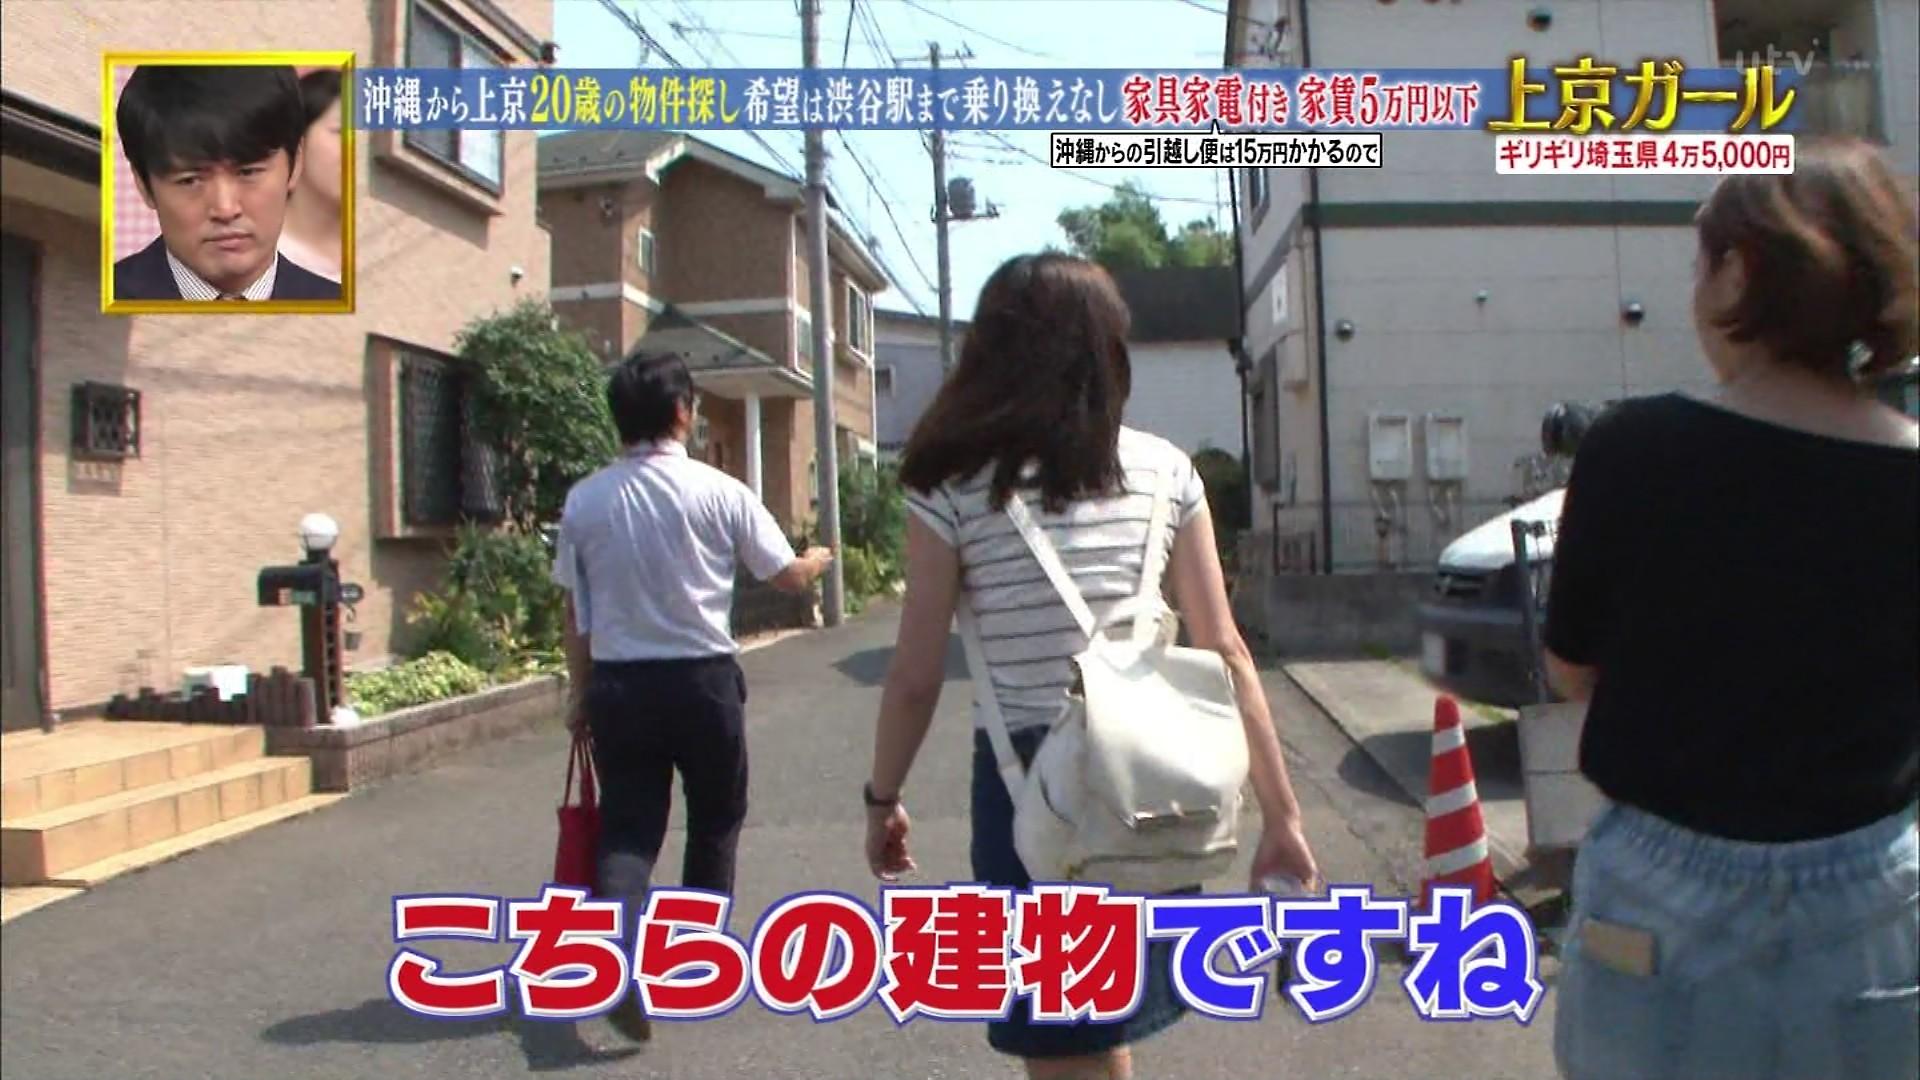 沖縄美女_パンチラ_放送事故_テレビキャプ画像_03